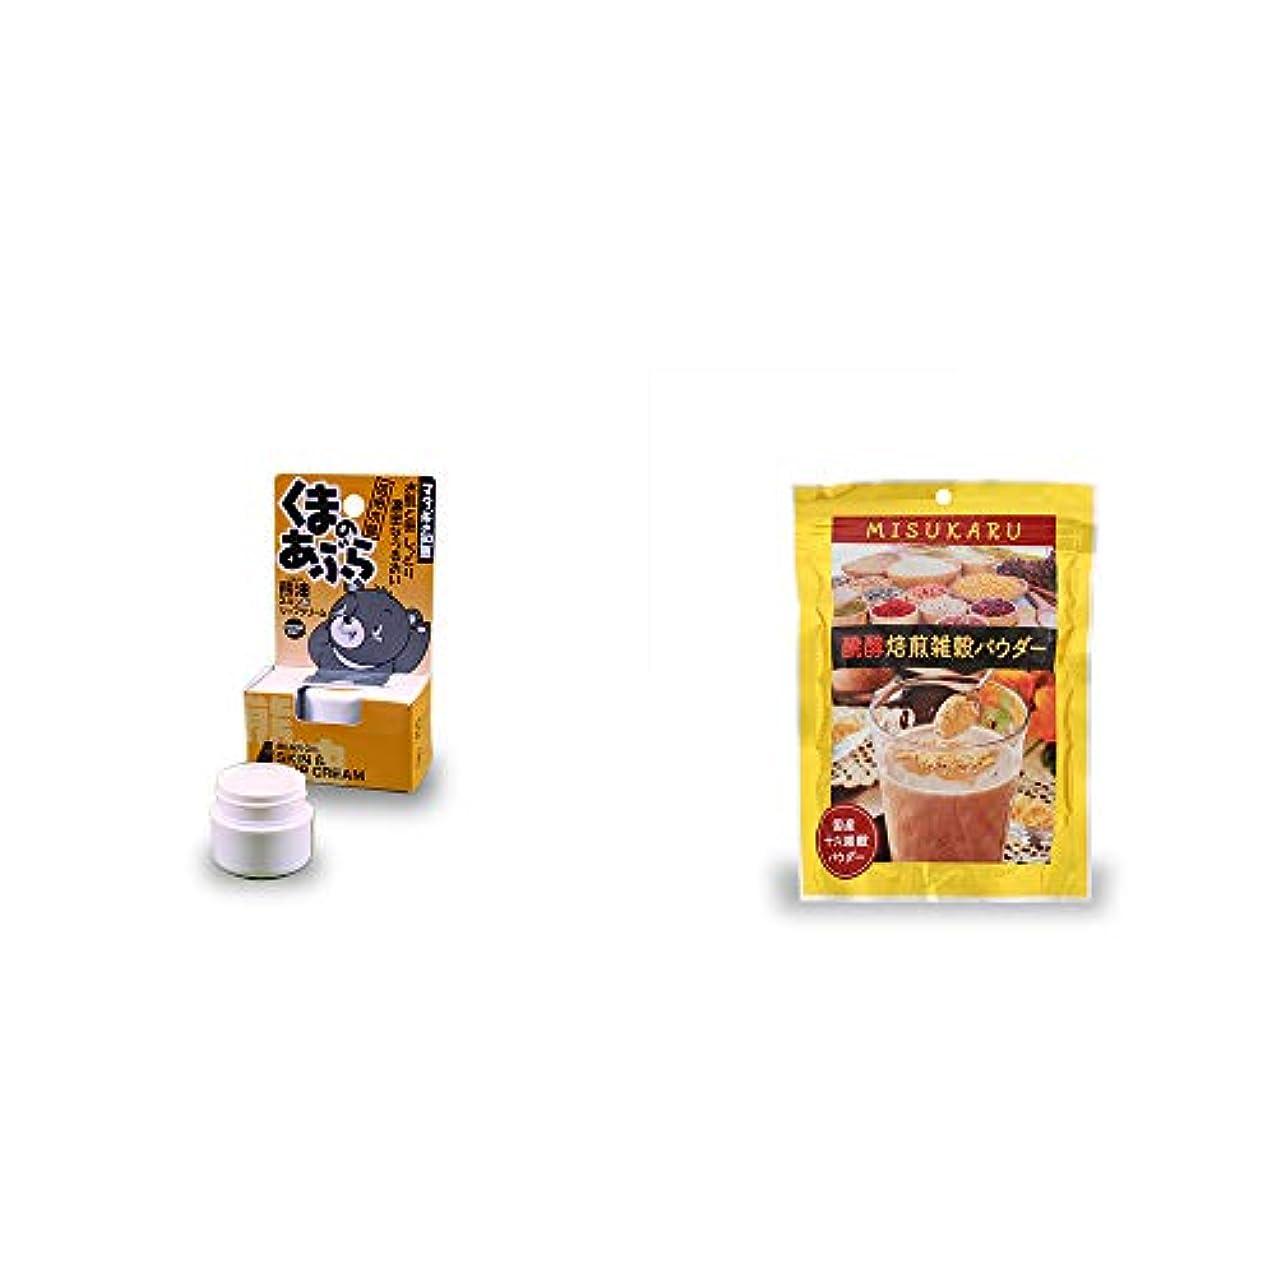 媒染剤神学校山岳[2点セット] 信州木曽 くまのあぶら 熊油スキン&リップクリーム(9g)?醗酵焙煎雑穀パウダー MISUKARU(ミスカル)(200g)